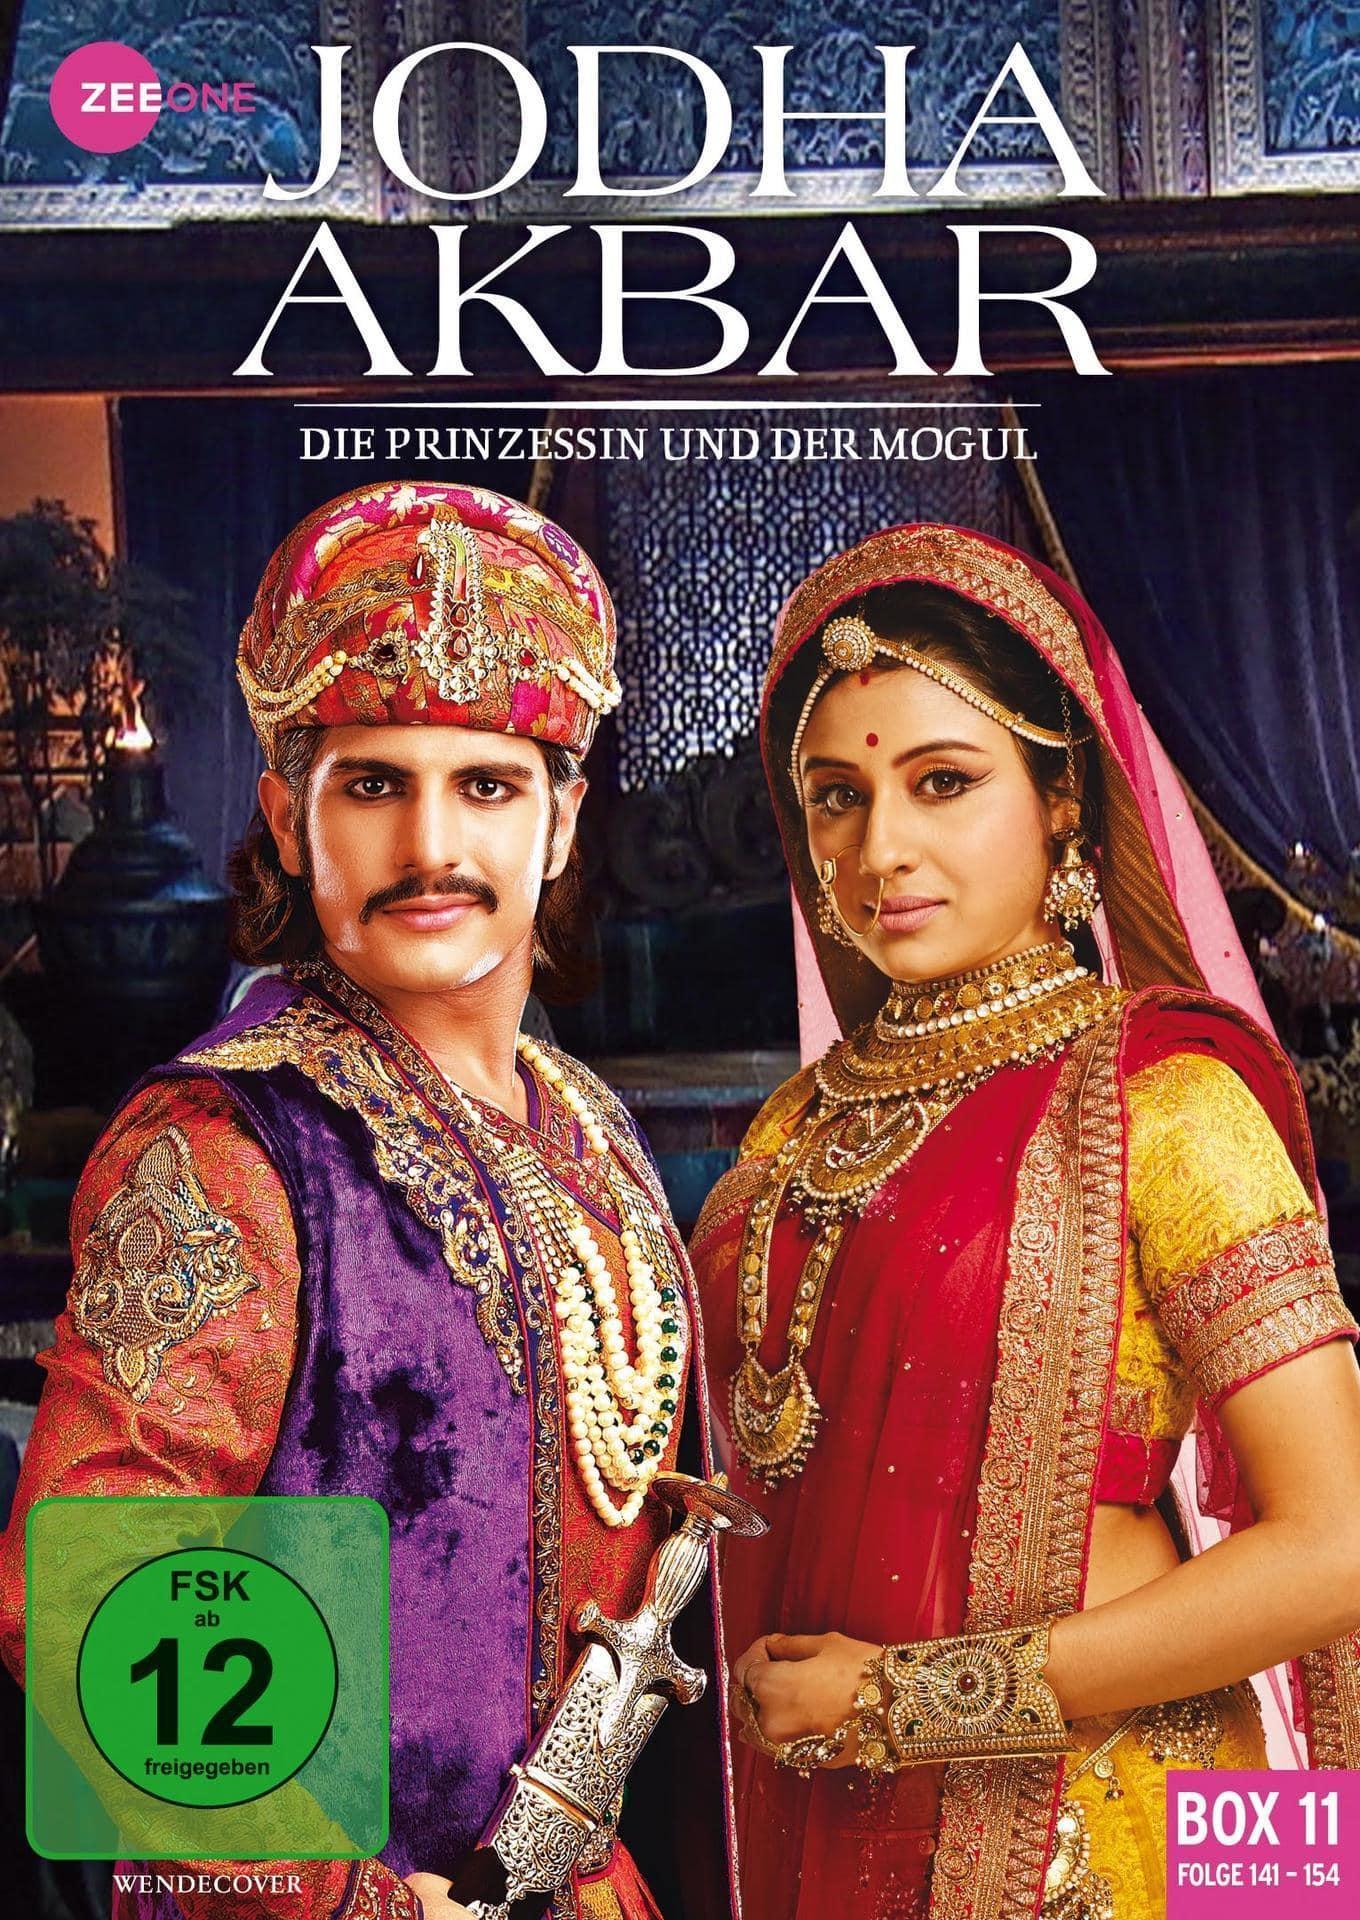 Jodha Akbar - Die Prinzessin und der Mogul (Box 11) (Folge 141-154) DVD-Box (DVD) für 15,59 Euro